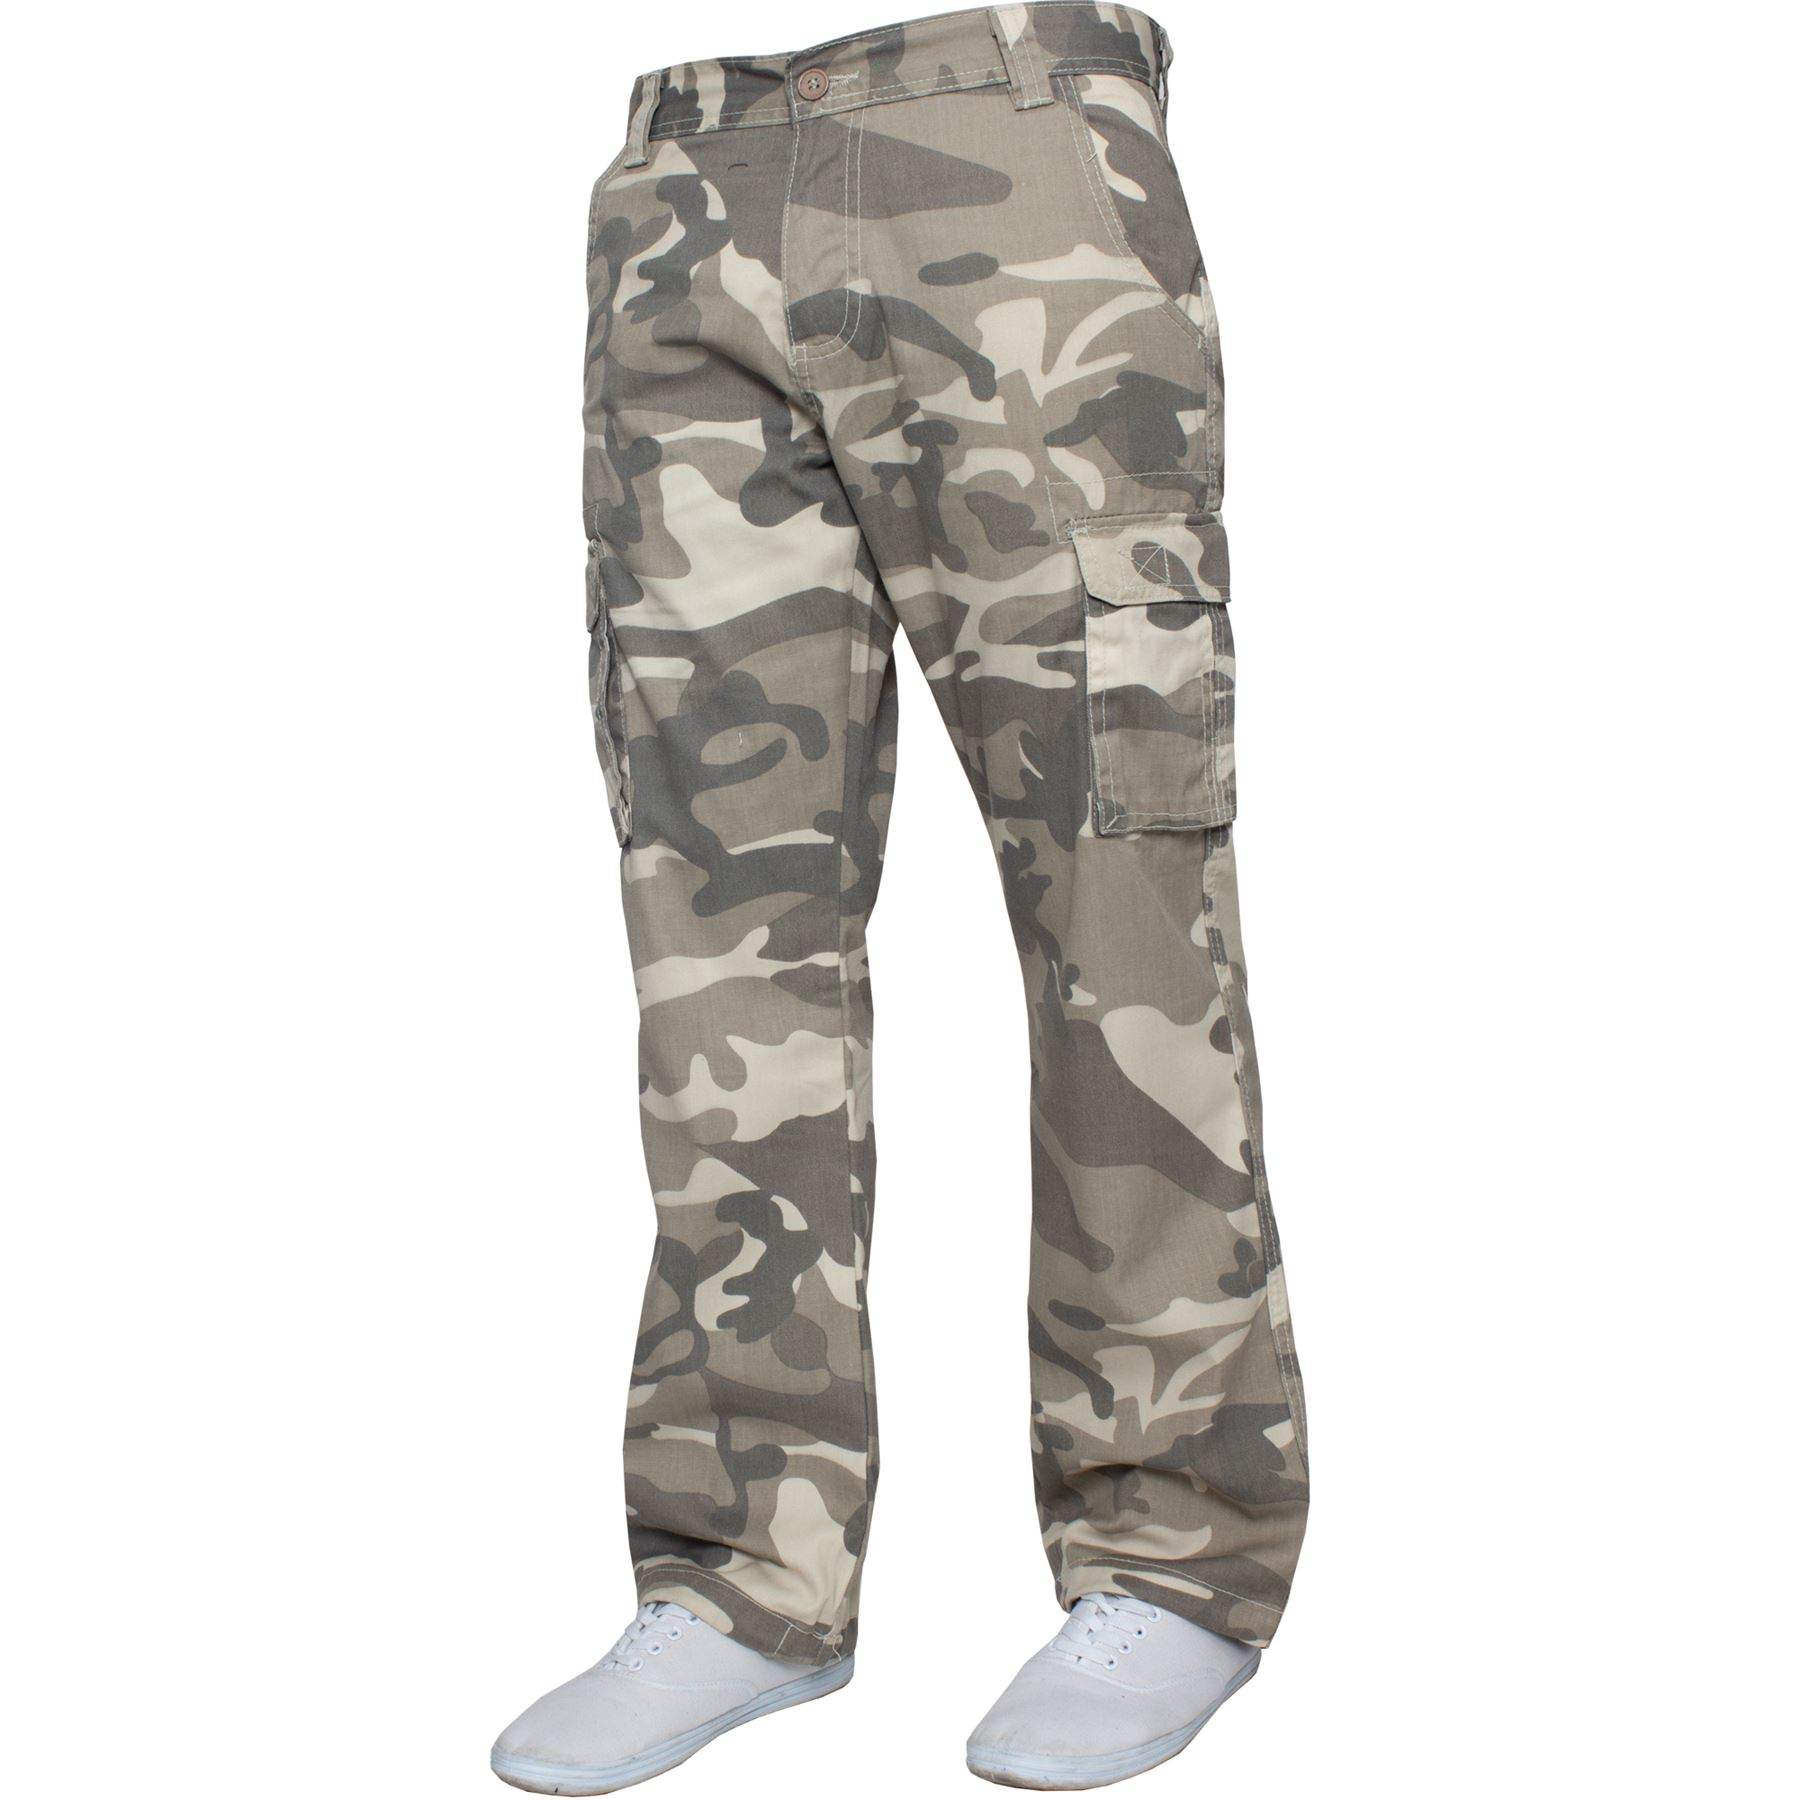 Kruze-Uomo-Militare-Pantaloni-Camouflage-Cargo-Mimetico-Casual-Lavoro miniatura 3